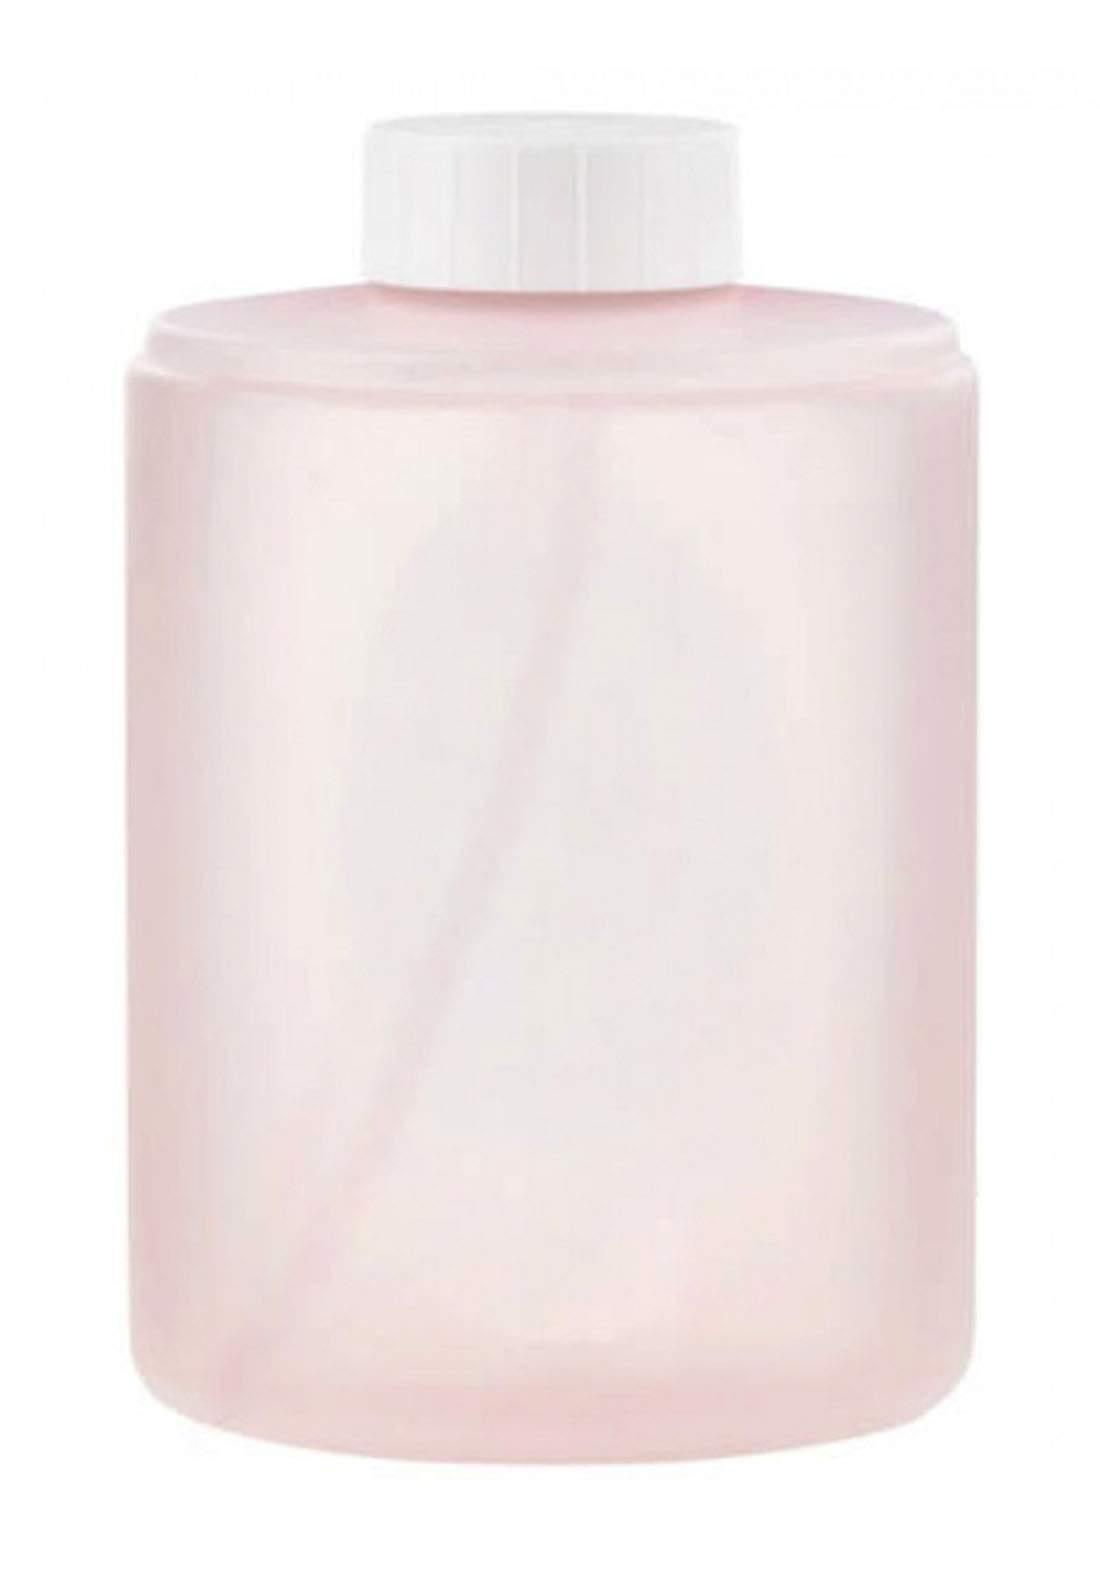 Xiaomi Mi X Simpleway Foaming Hand Soap علبة صابون يد من شاومي